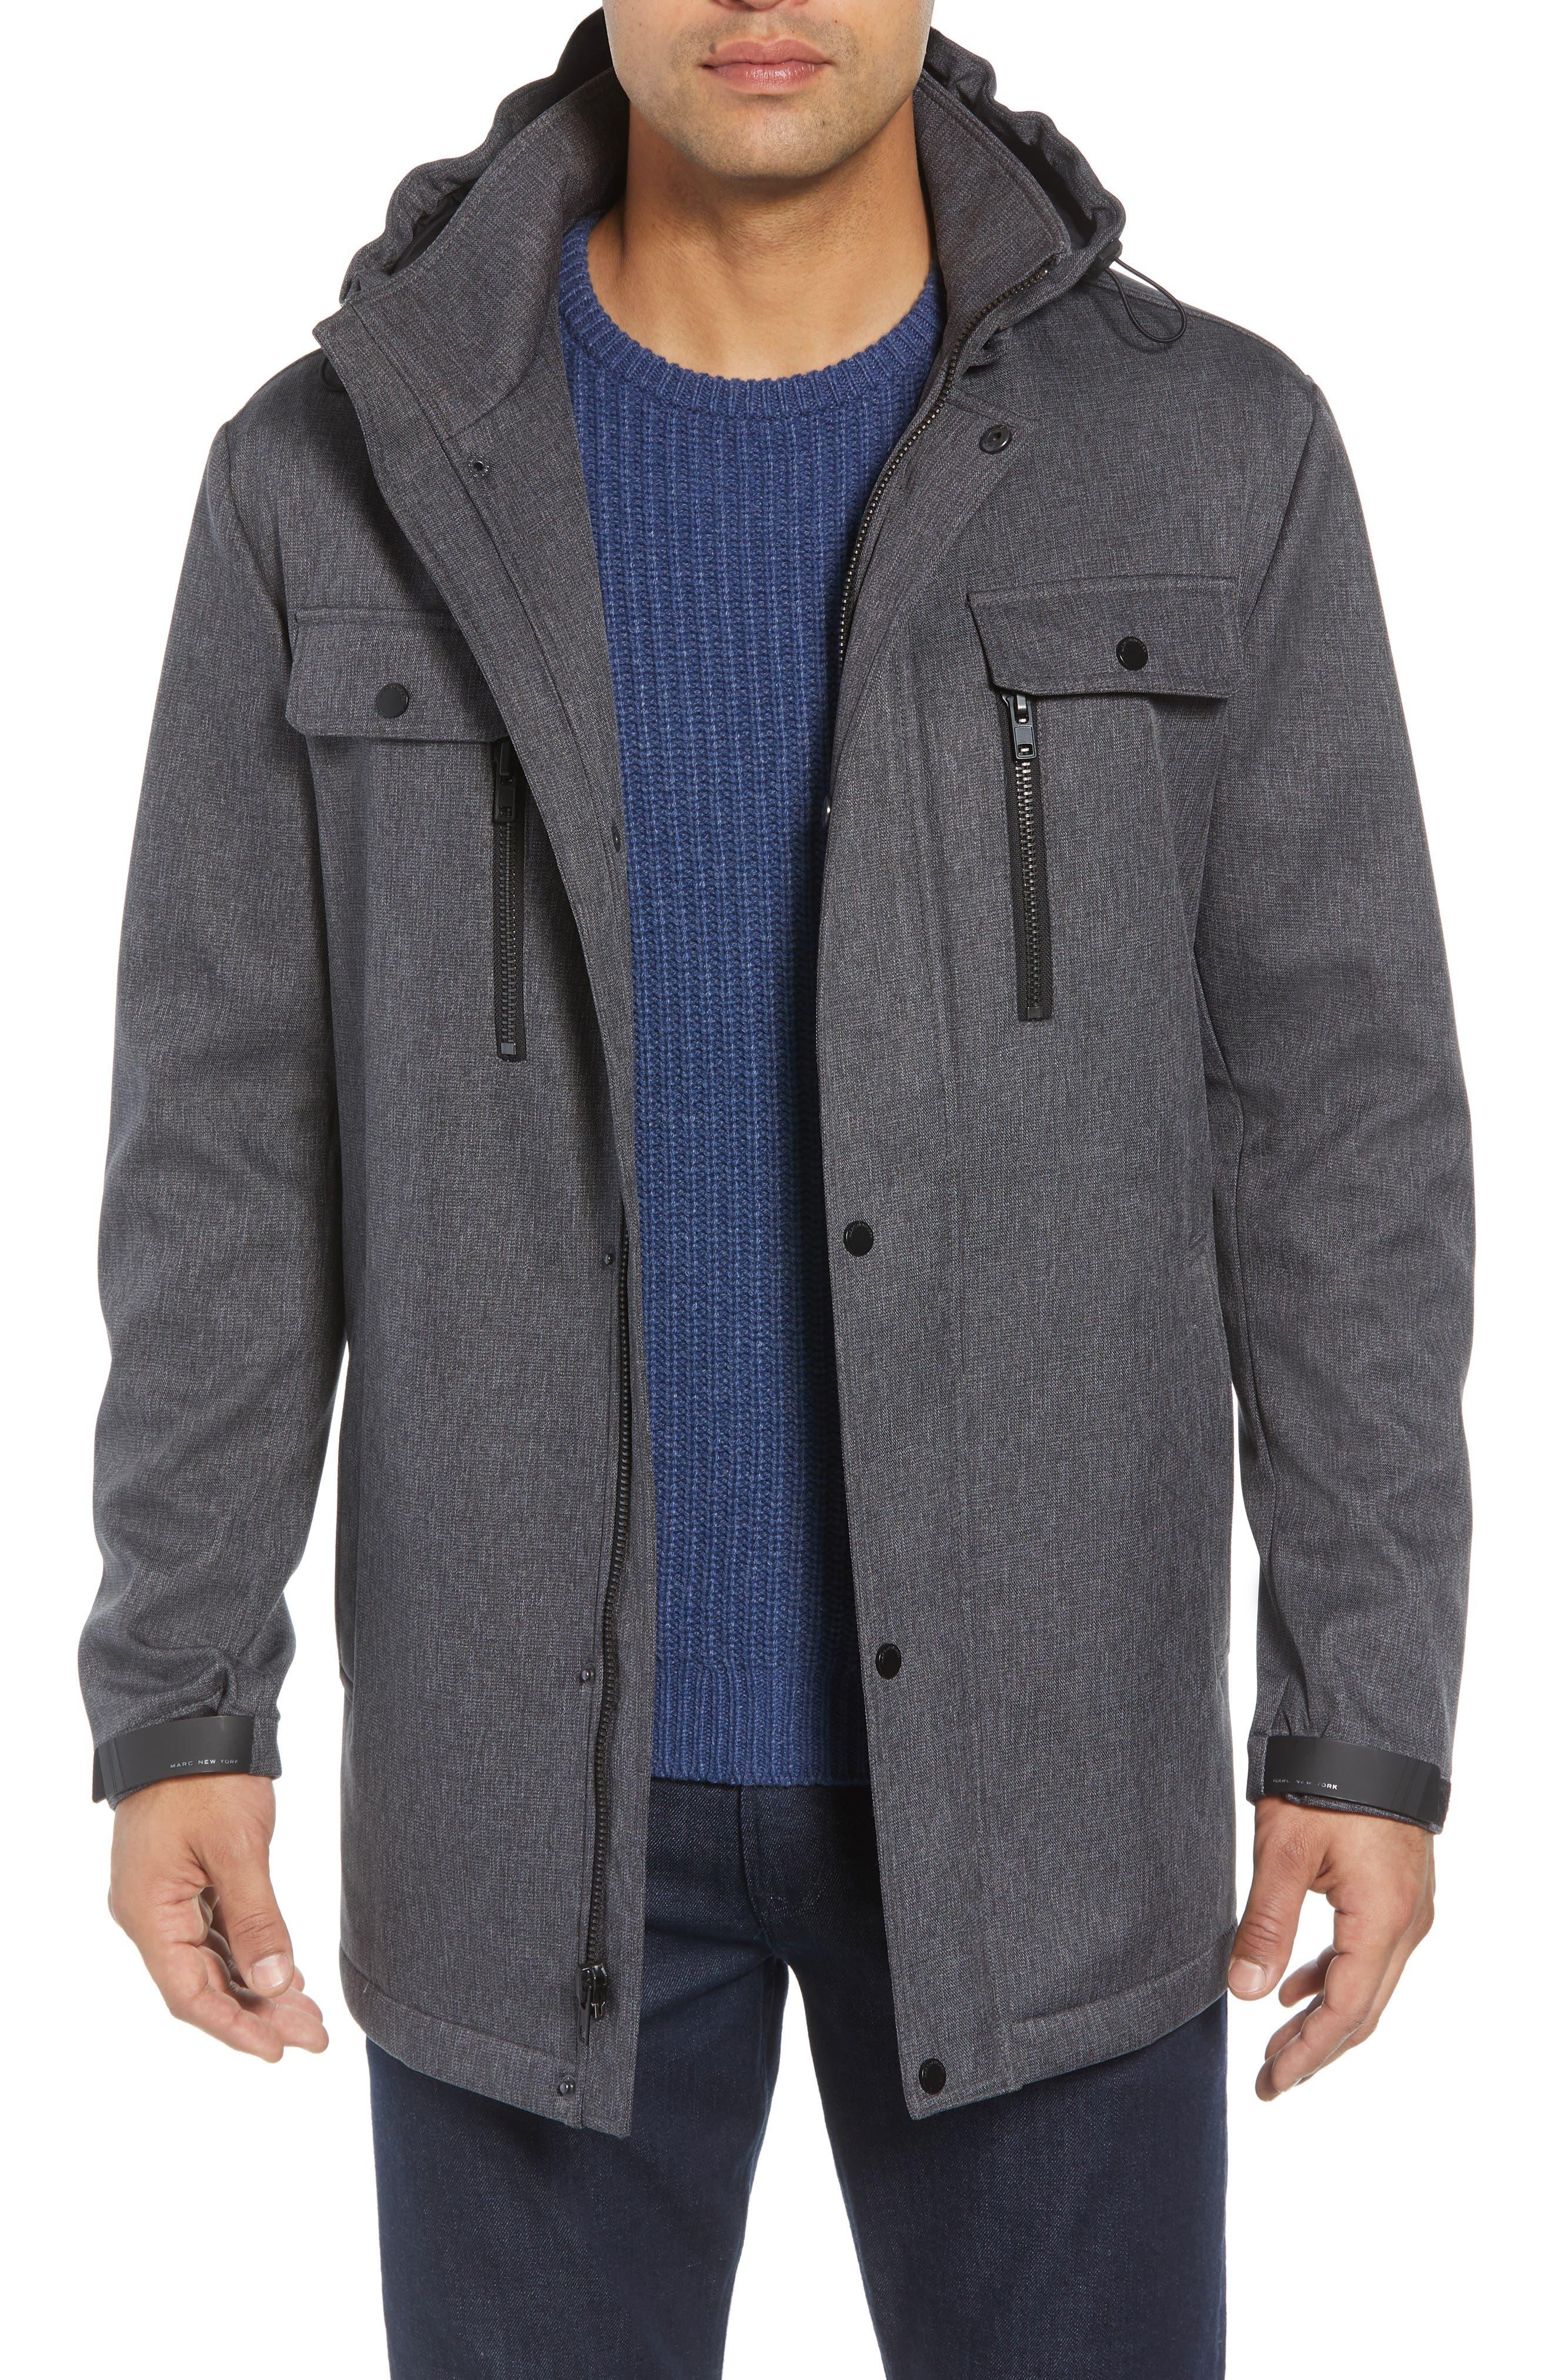 Doyle Soft Shell Jacket